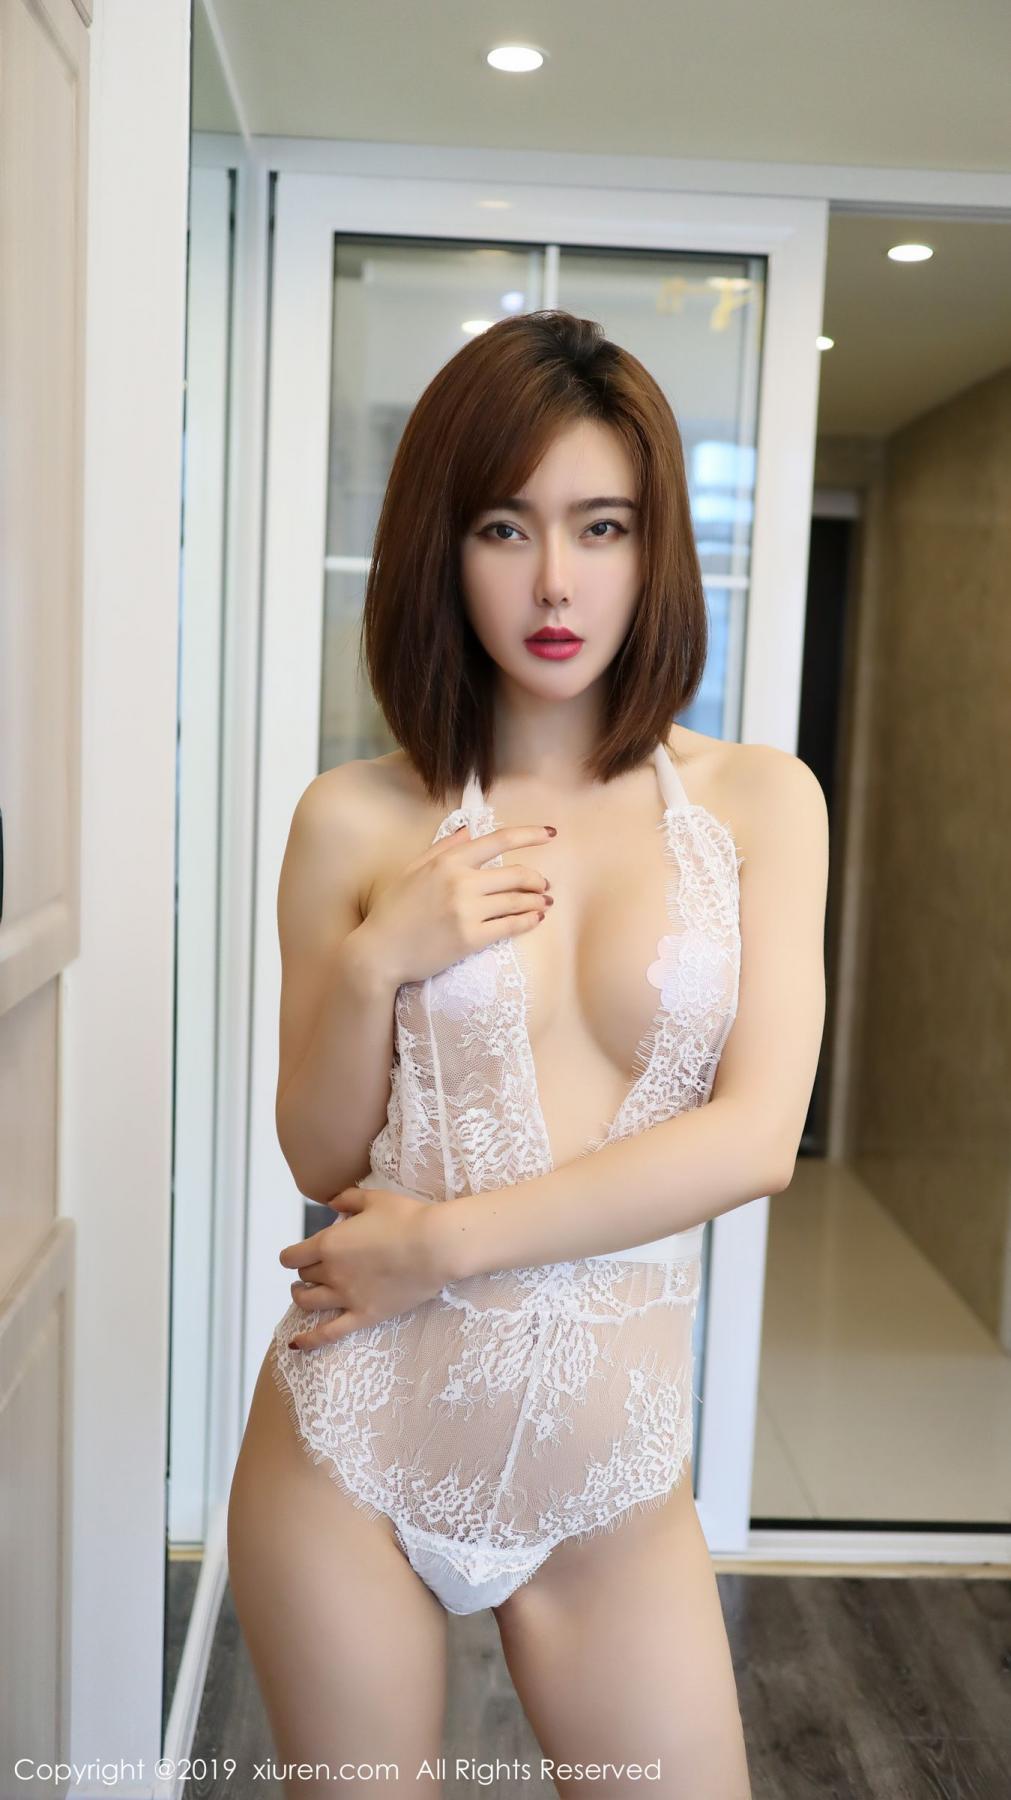 [XiuRen] Vol.1632 Yomi 1P, Underwear, Xiuren, Yomi